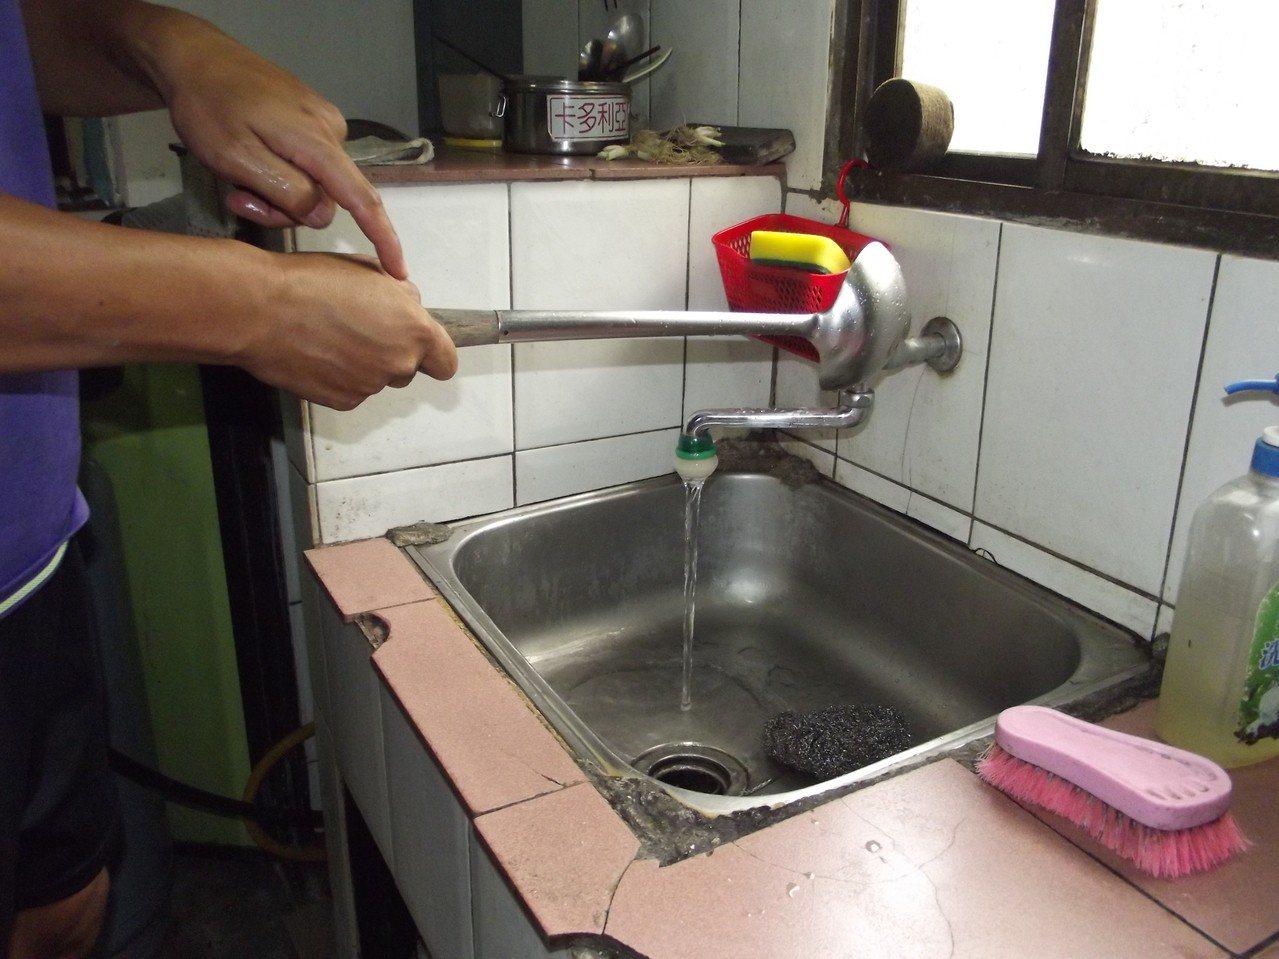 洗碗也會被電到,要用大湯勺關水龍才不會被電到。記者謝恩得/攝影